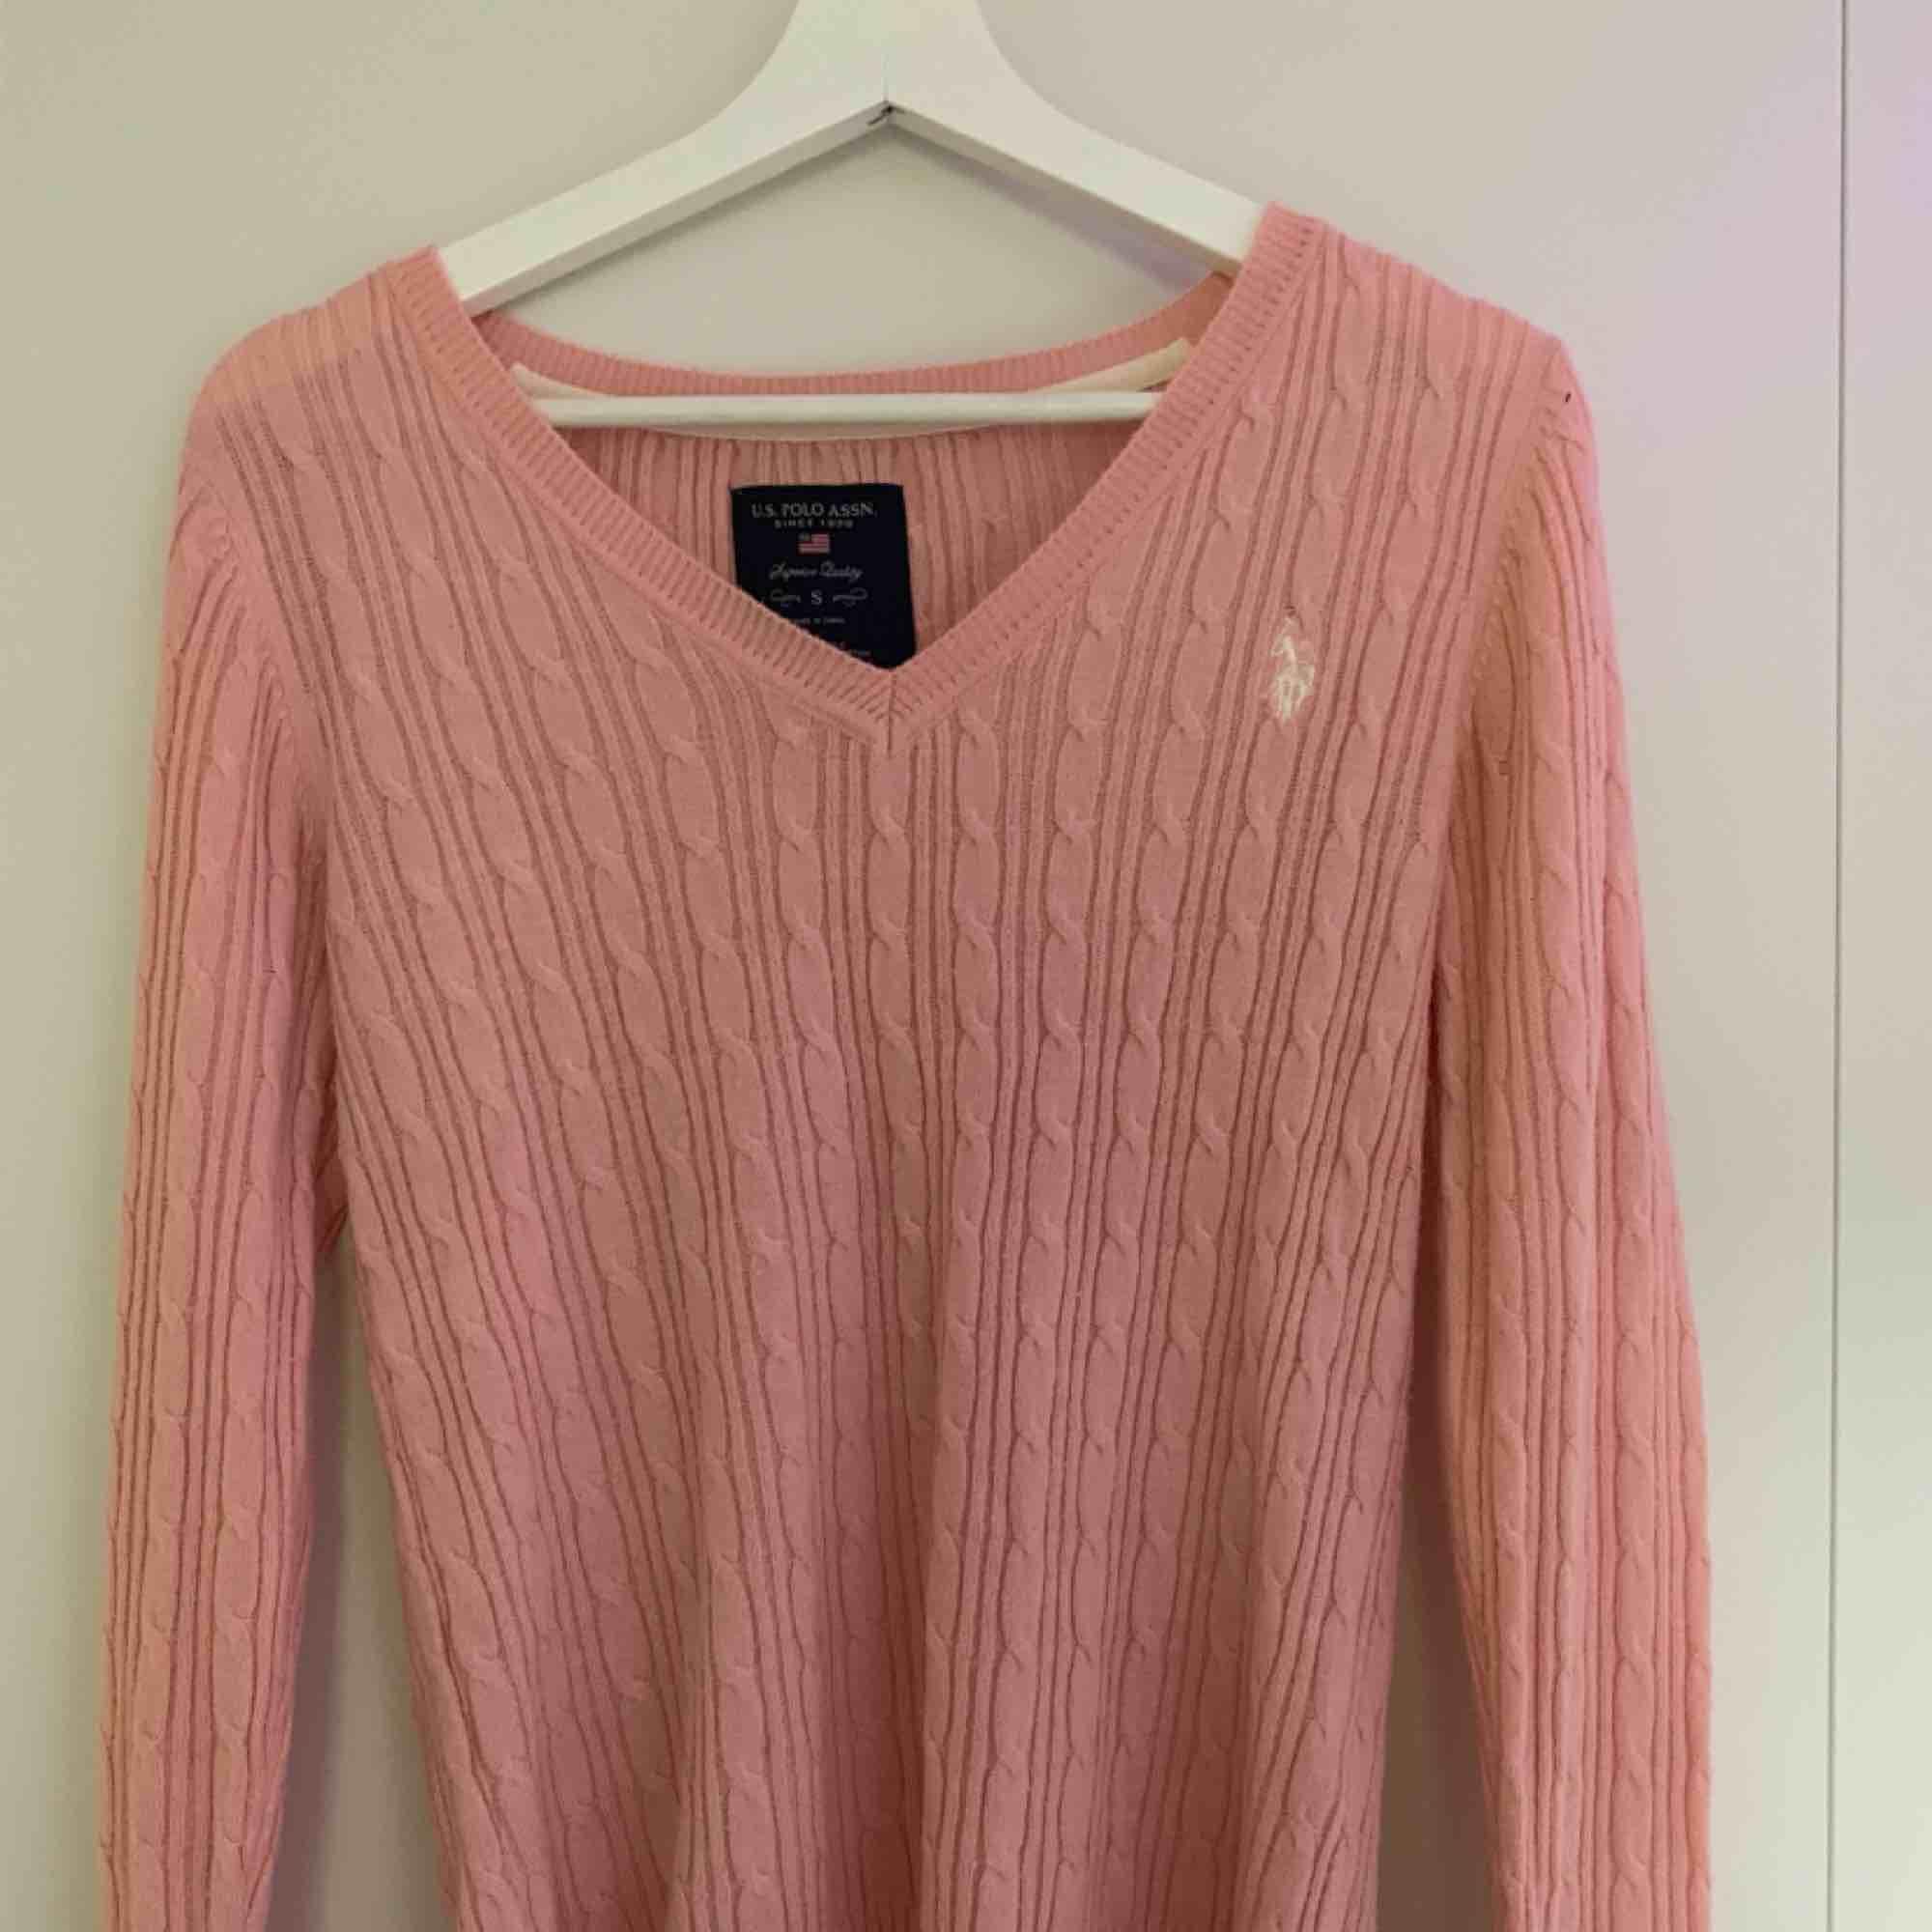 Kabelstickad rosa tröja från Ralph Lauren. Tröjan är äkta och är i väldigt fint skick! Köparen står för frakt. Tröjor & Koftor.